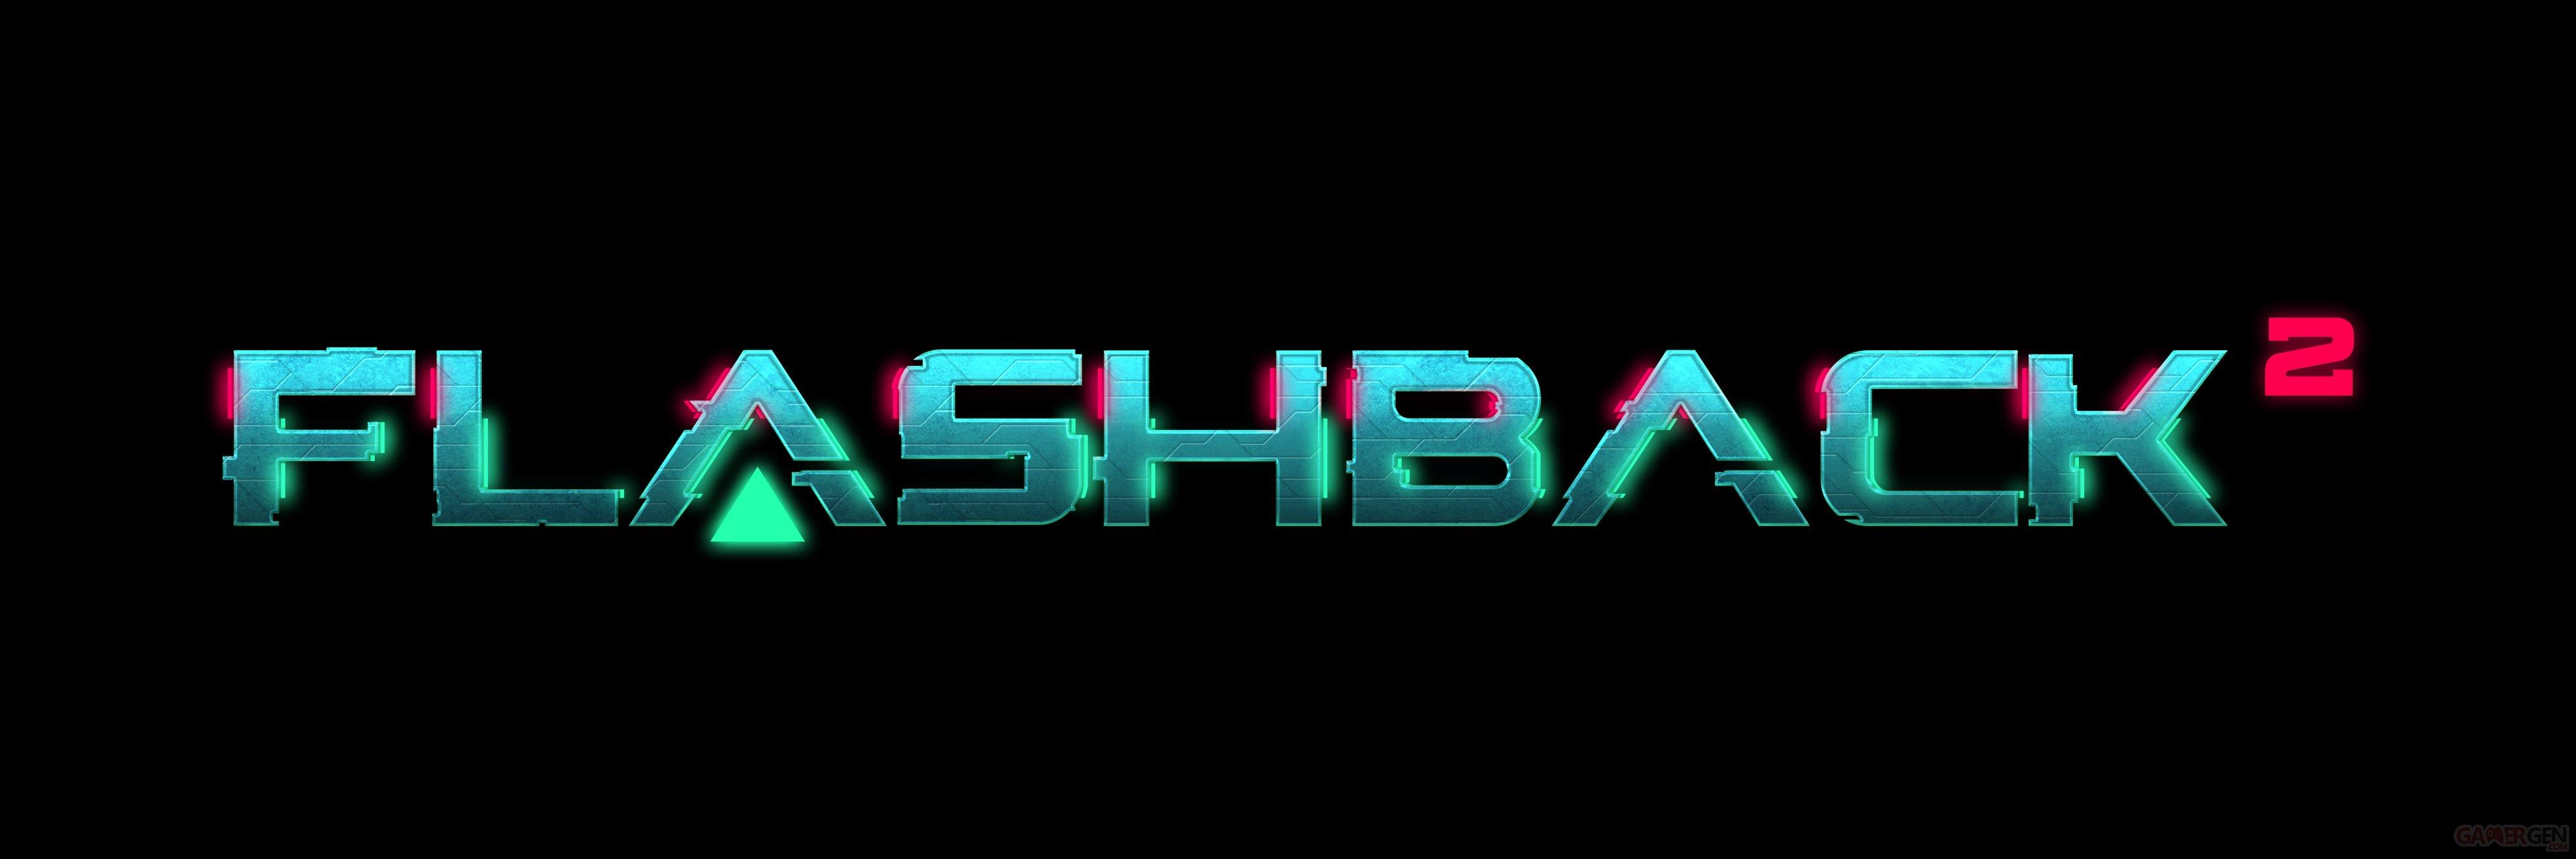 Flashback 2 : une suite au célèbre jeu français de Paul Cuisset annoncée -  GAMERGEN.COM